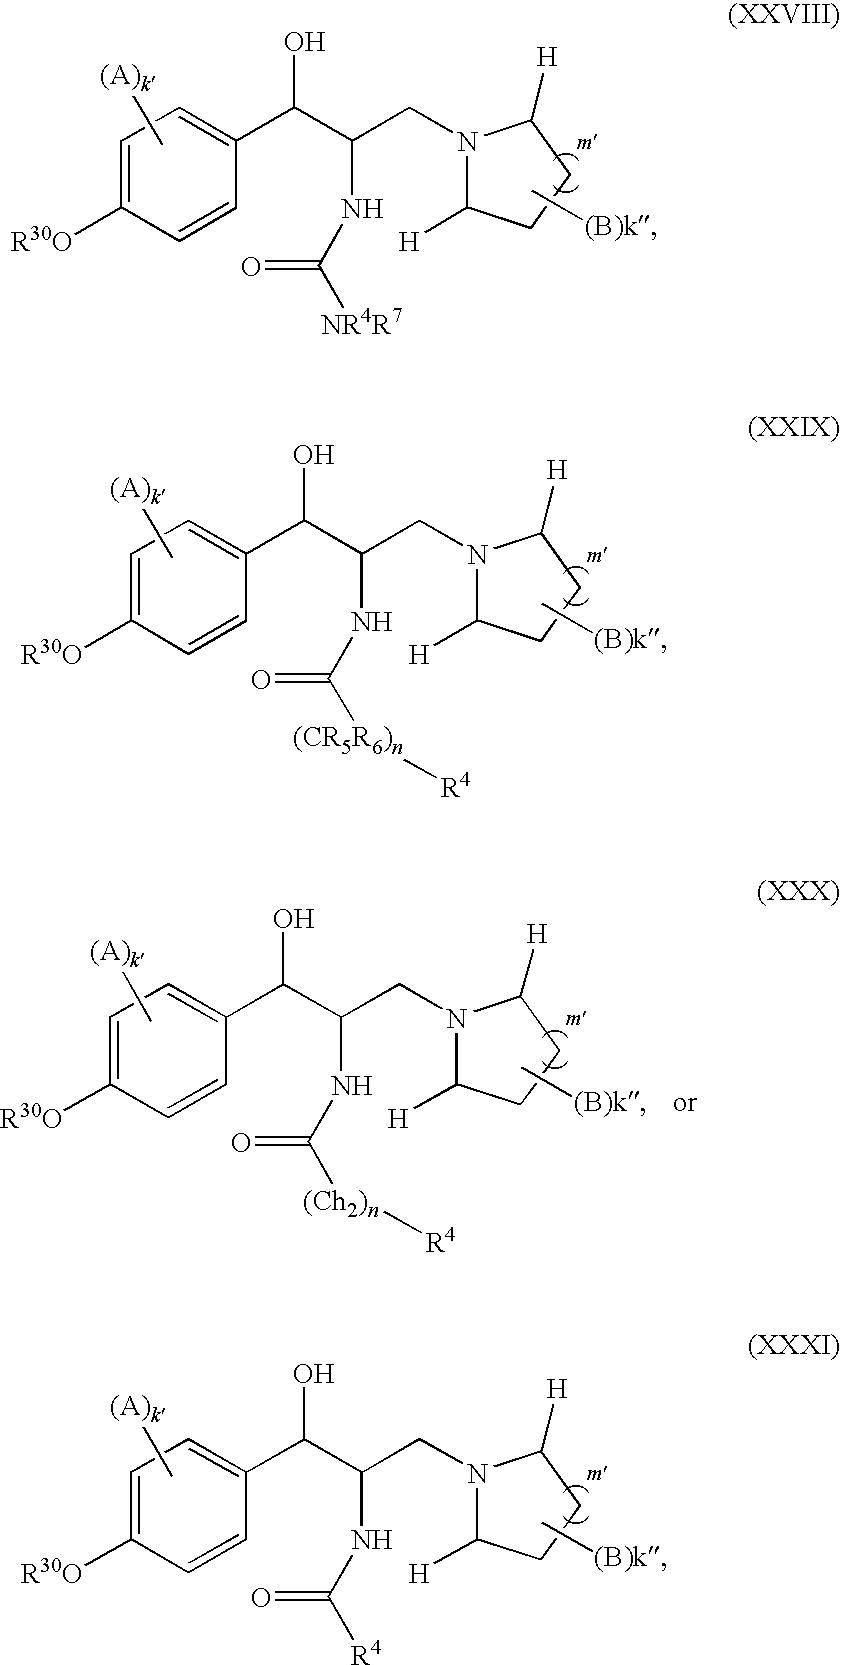 Figure US08304447-20121106-C00021